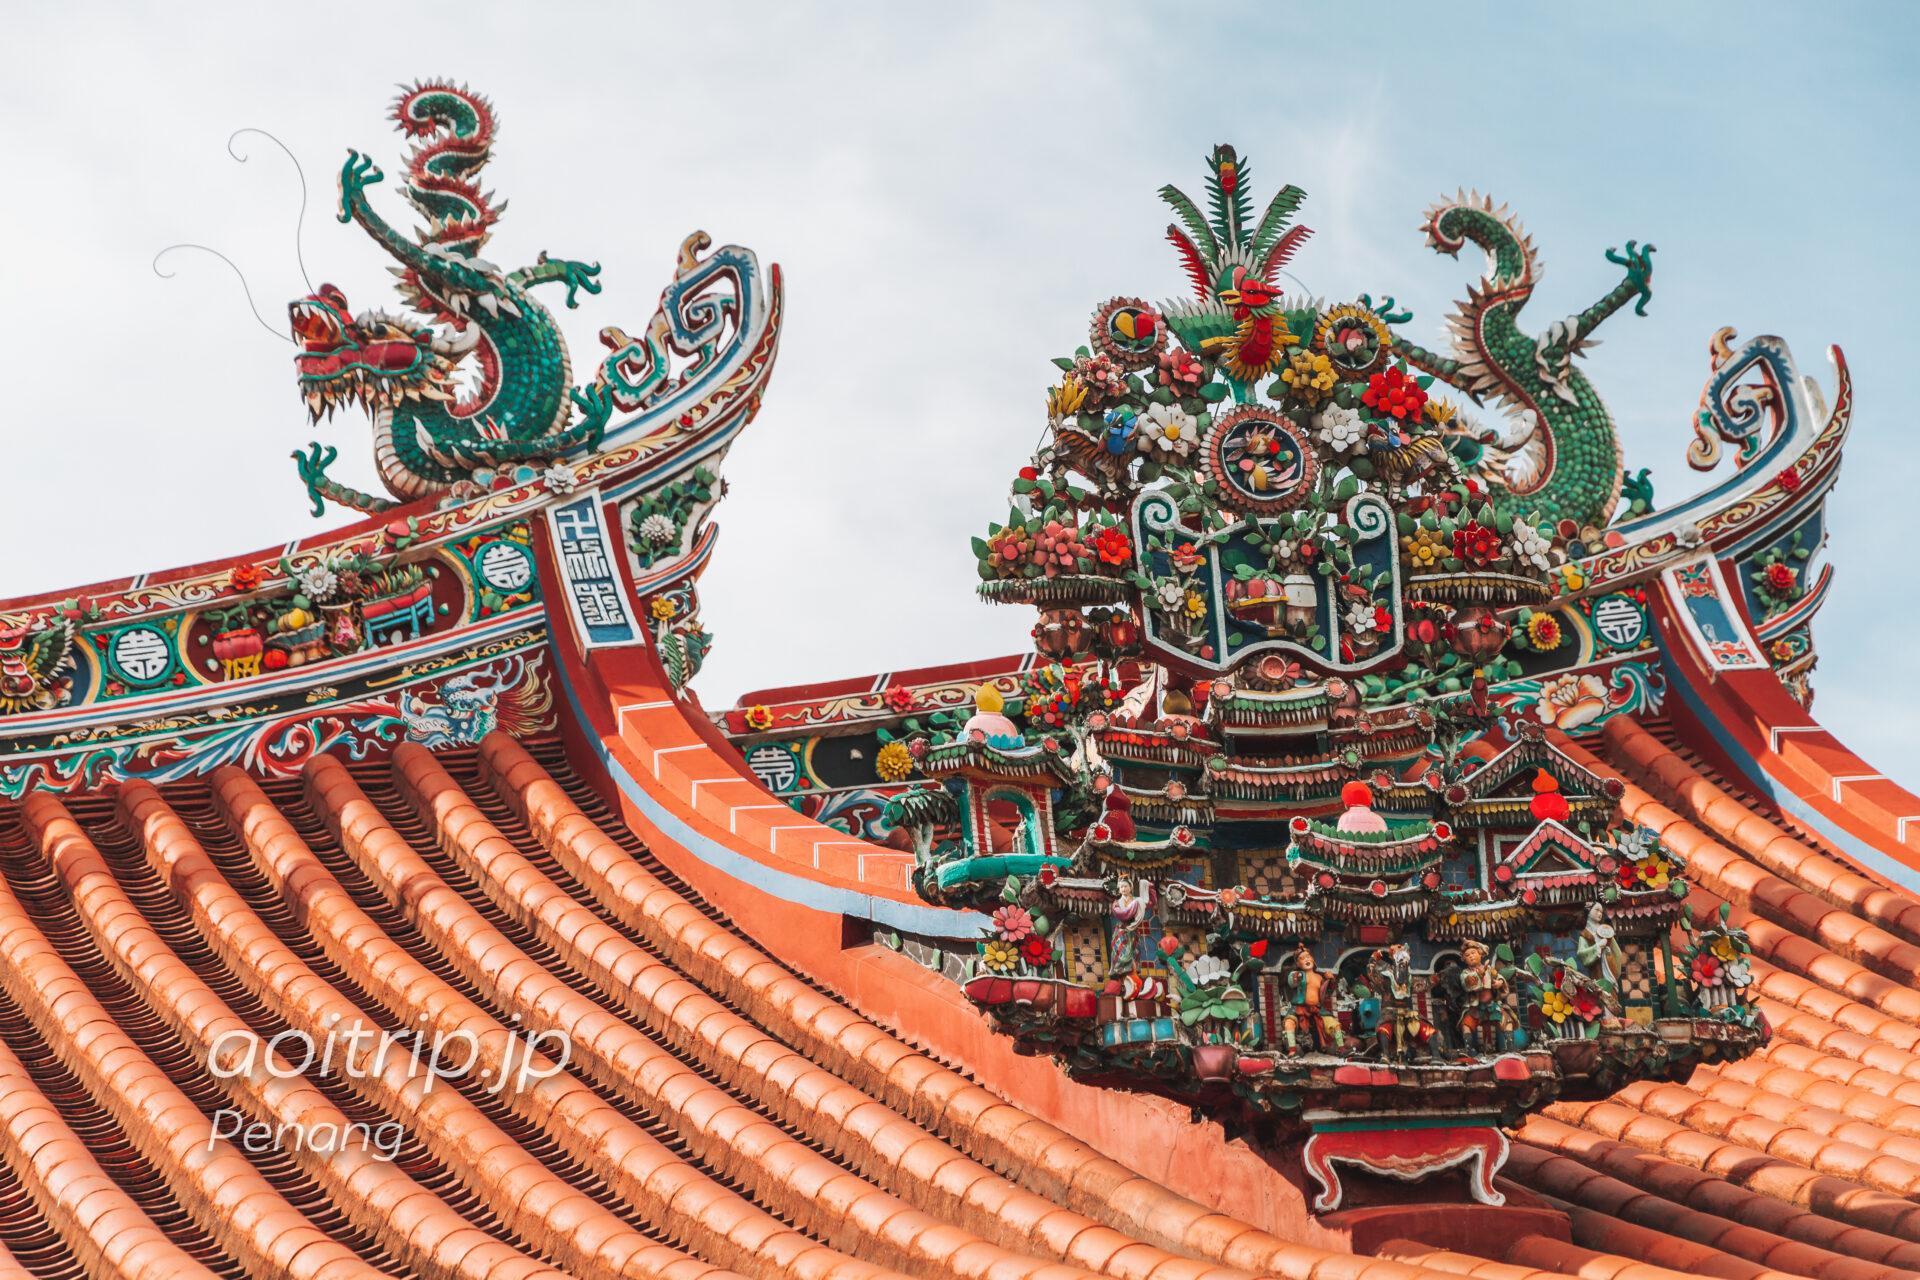 観音寺 Kuan Ying Teng